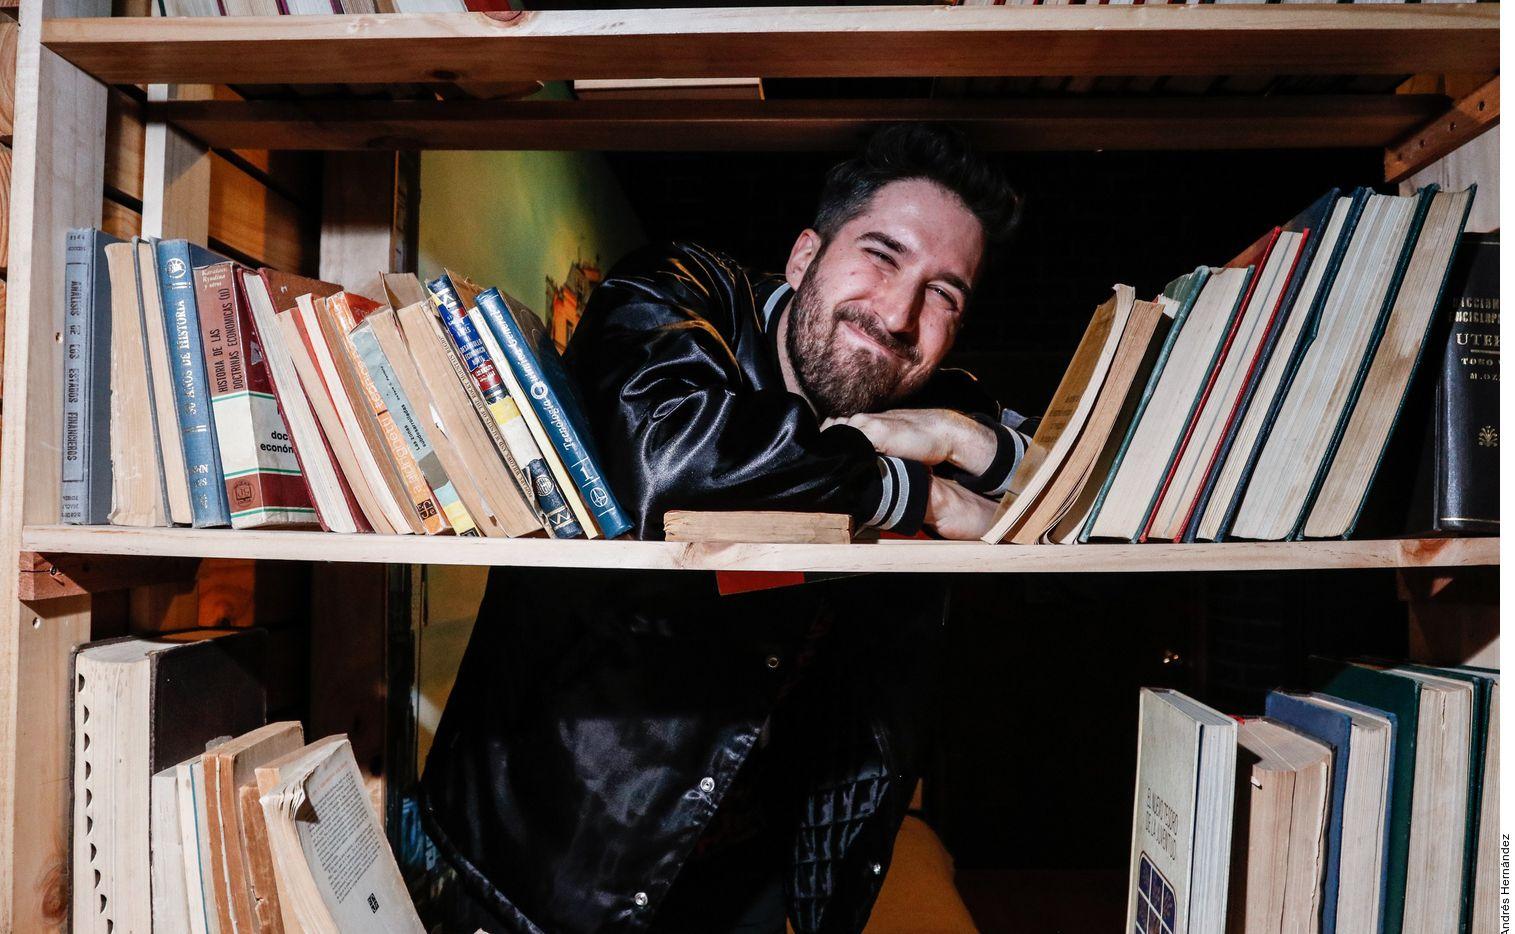 Con su comedia, Alex Fernández busca superar ciertos conflictos personales y ayudar a quienes, como él, han vivido situaciones similares.